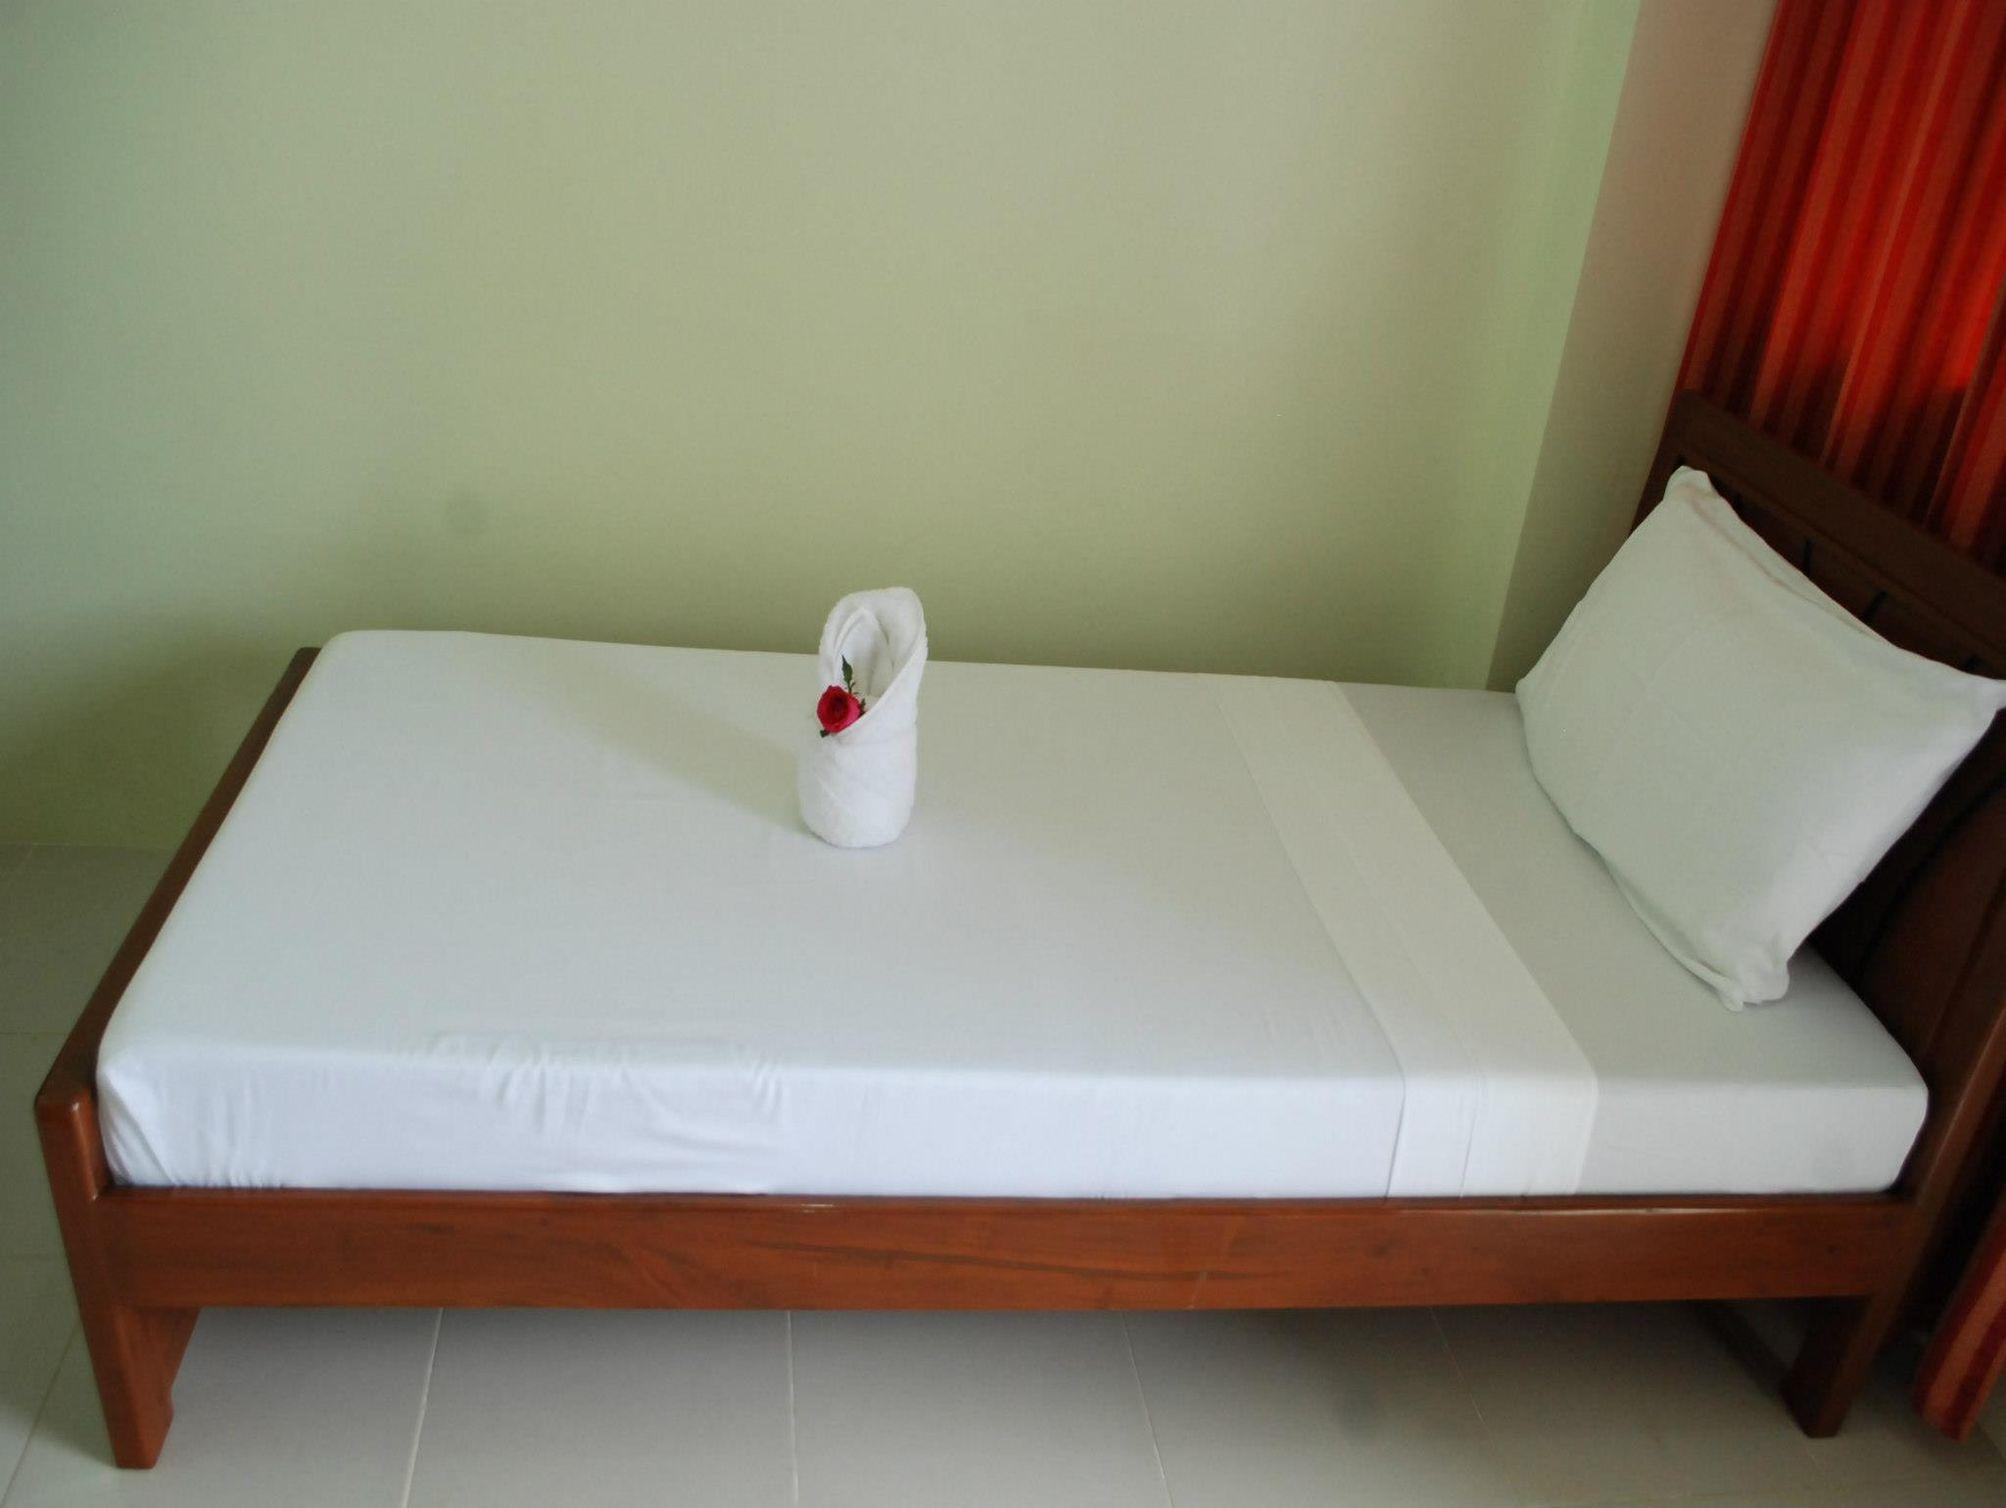 マクスズ ベッド アンド ブレックファースト11